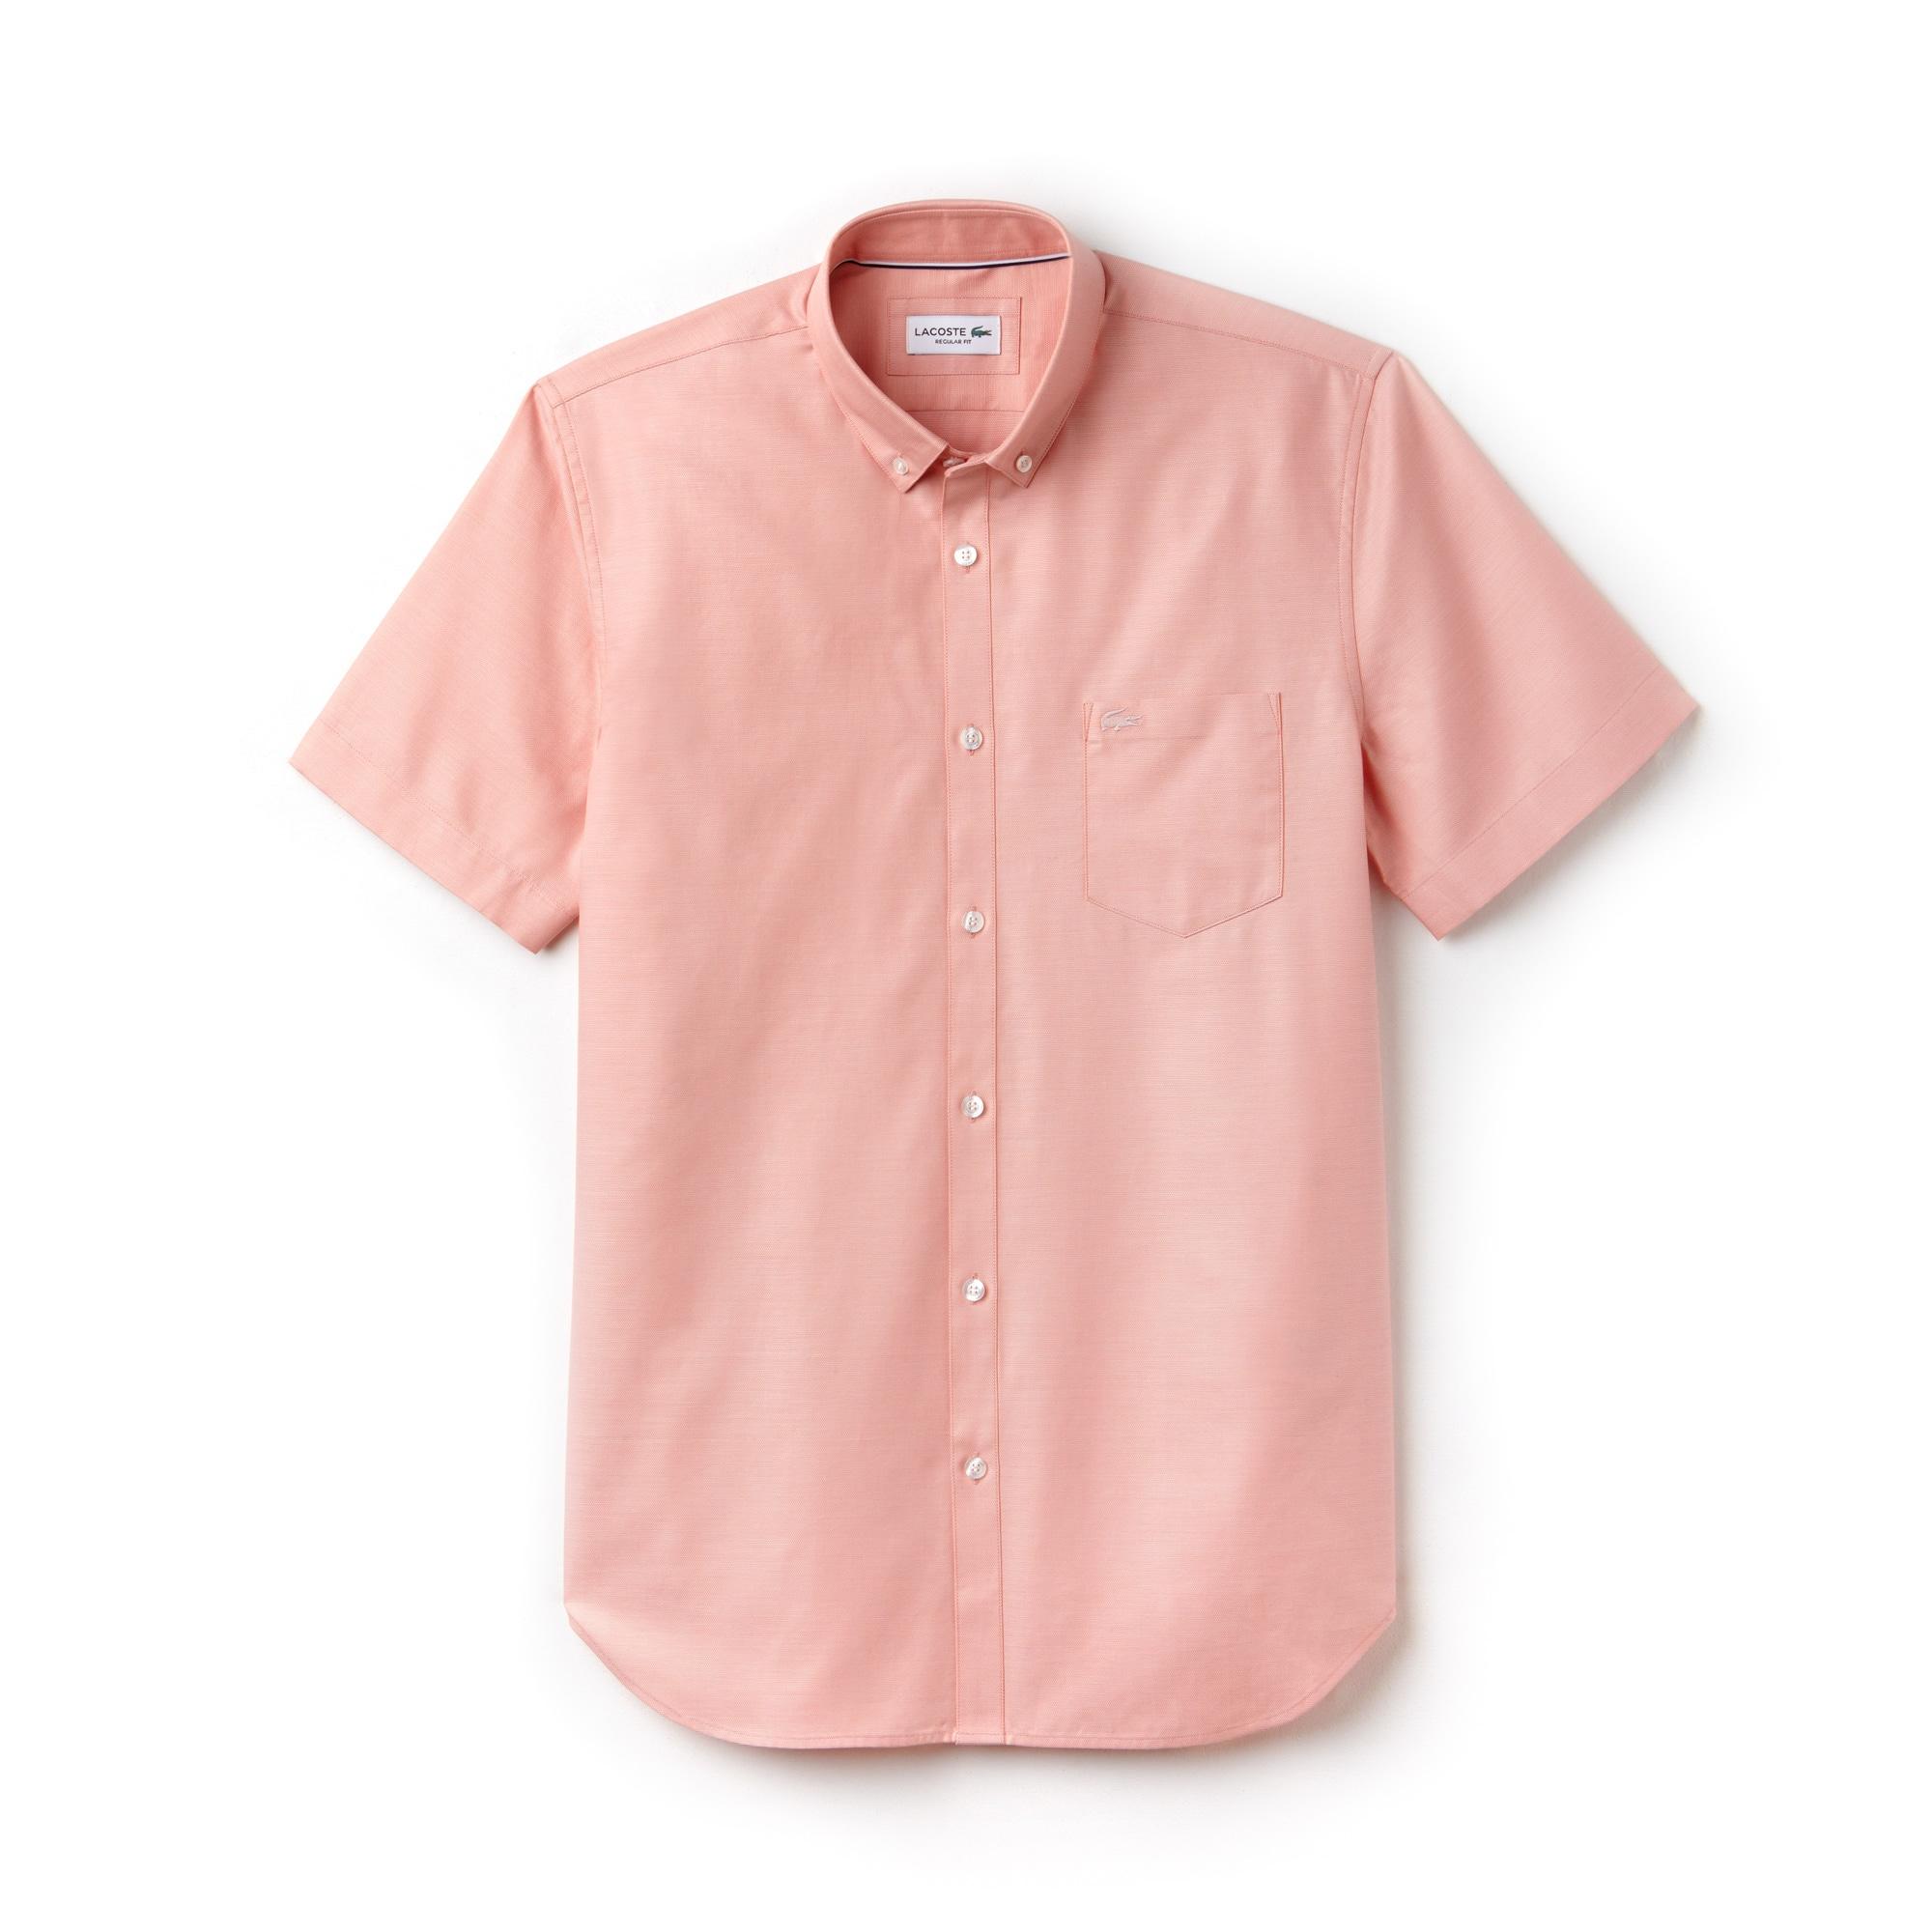 라코스테 Lacoste Mens Regular Fit Mini Pique Shirt,pink / white